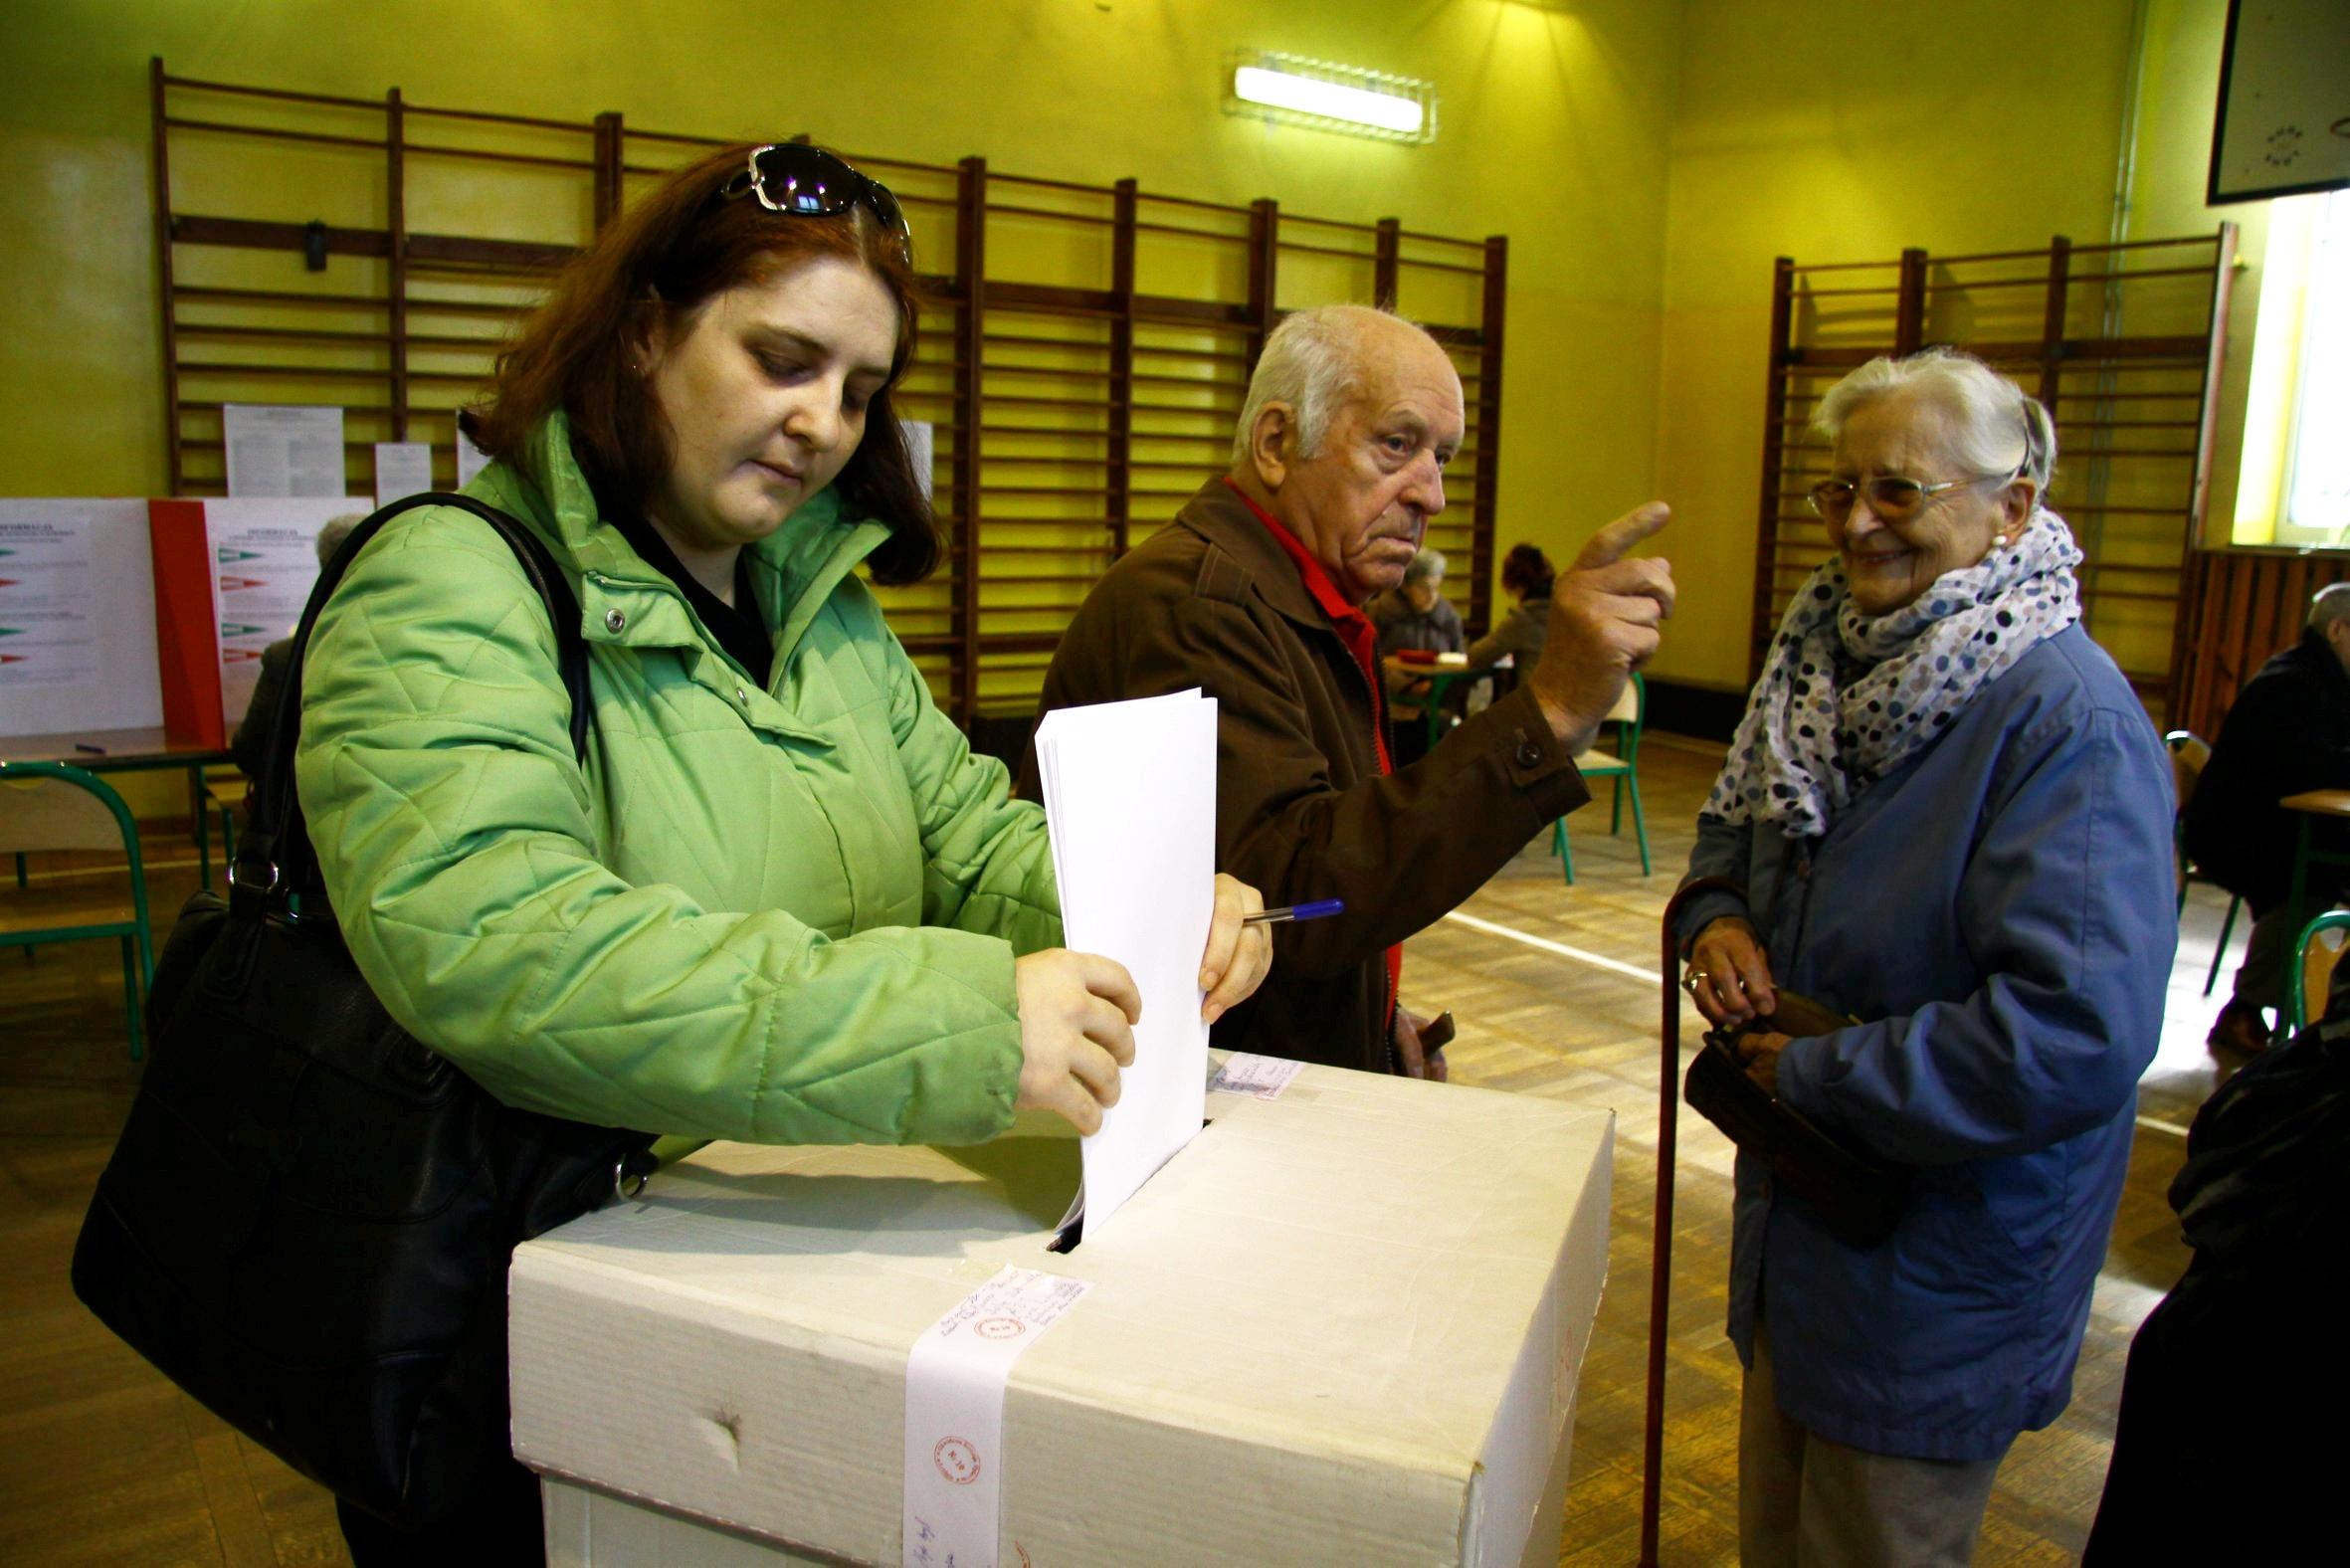 Czechy: Zakończyły się wybory prezydenckie. Będzie potrzebna druga tura